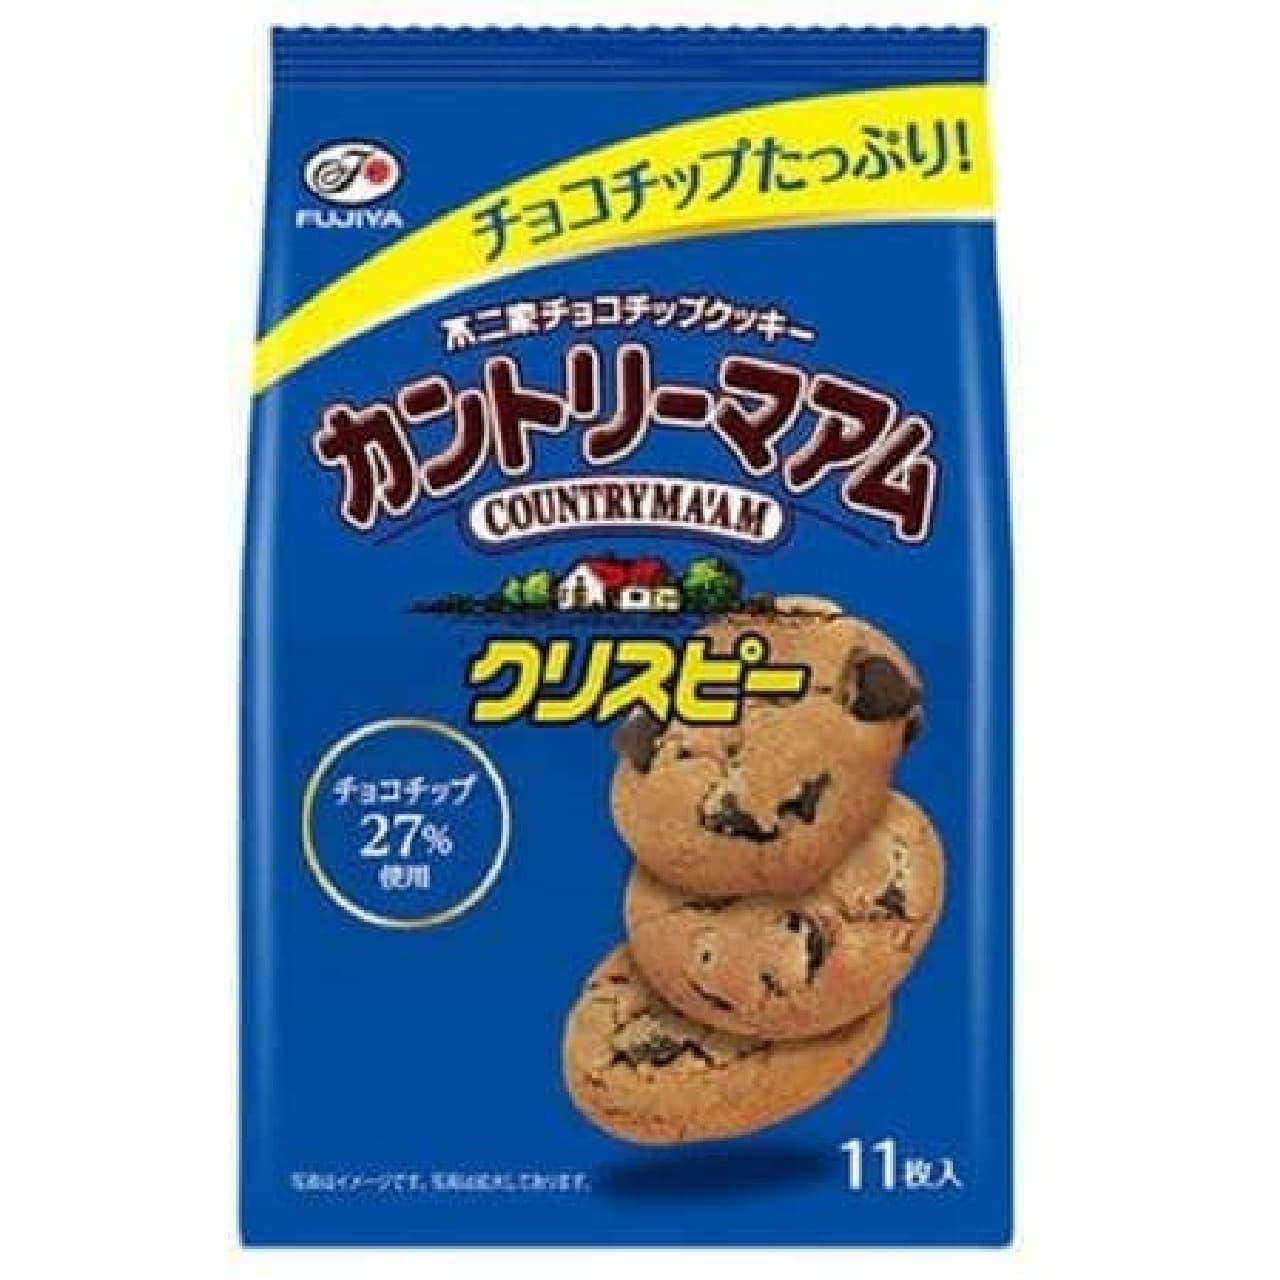 カントリーマアムクリスピーは20枚いりのカントリーマアムに使用されているものと同じチョコチップがたっぷり27%使われたお菓子